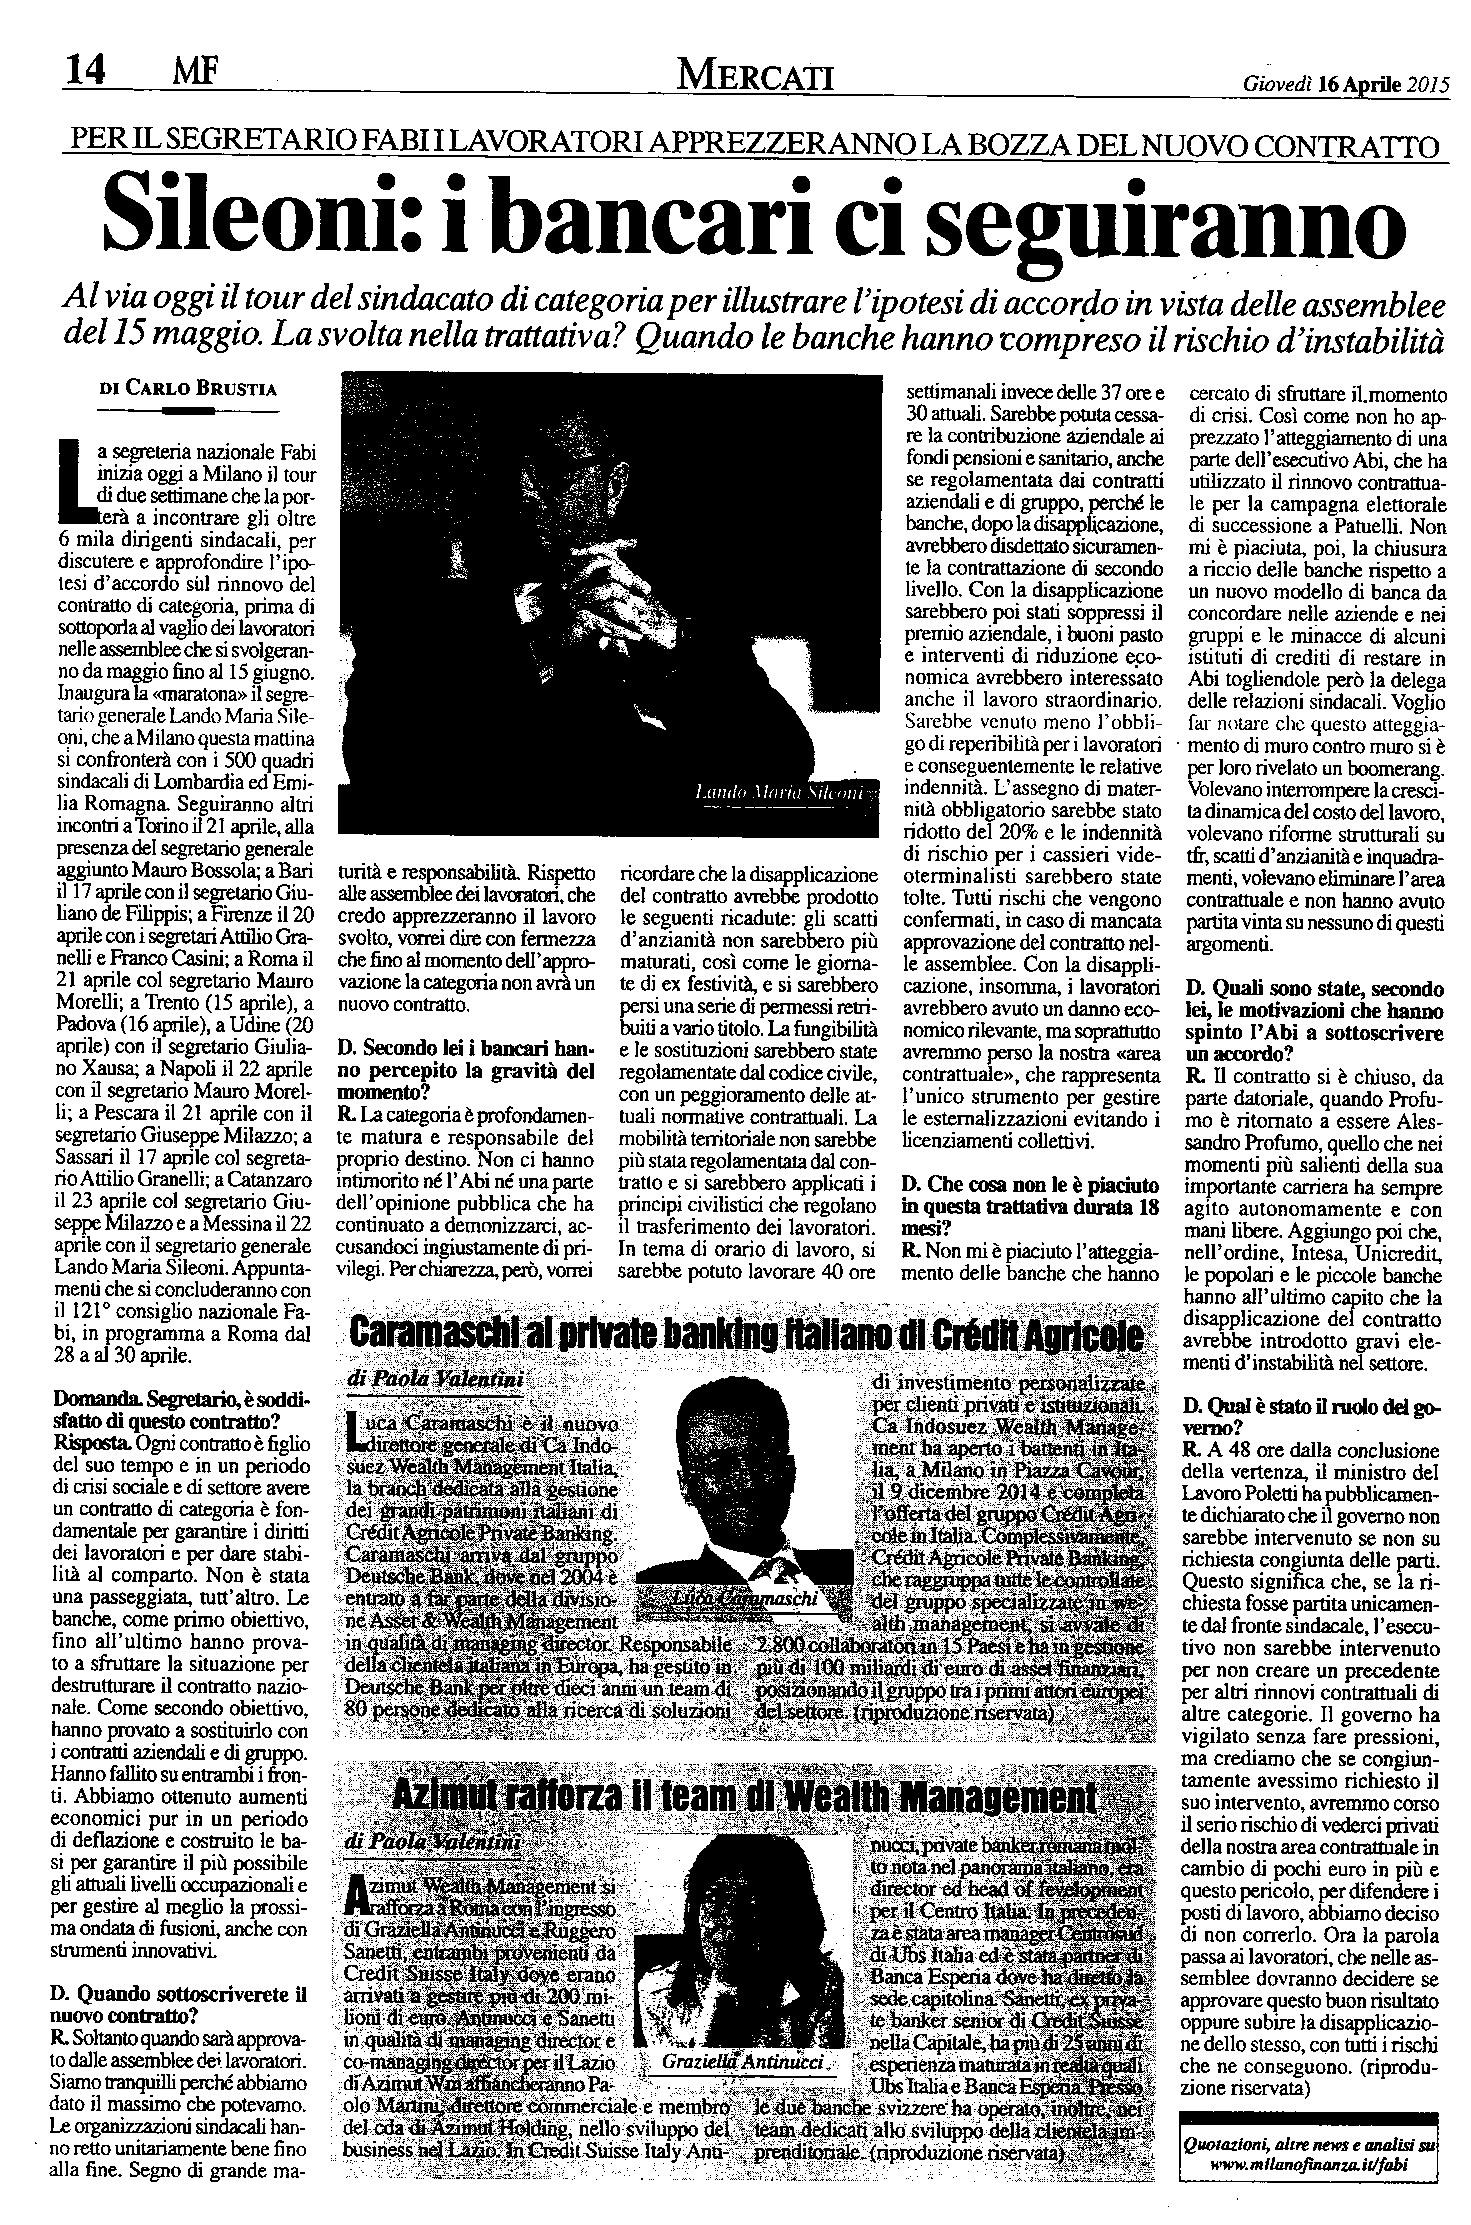 articolo-16aprile